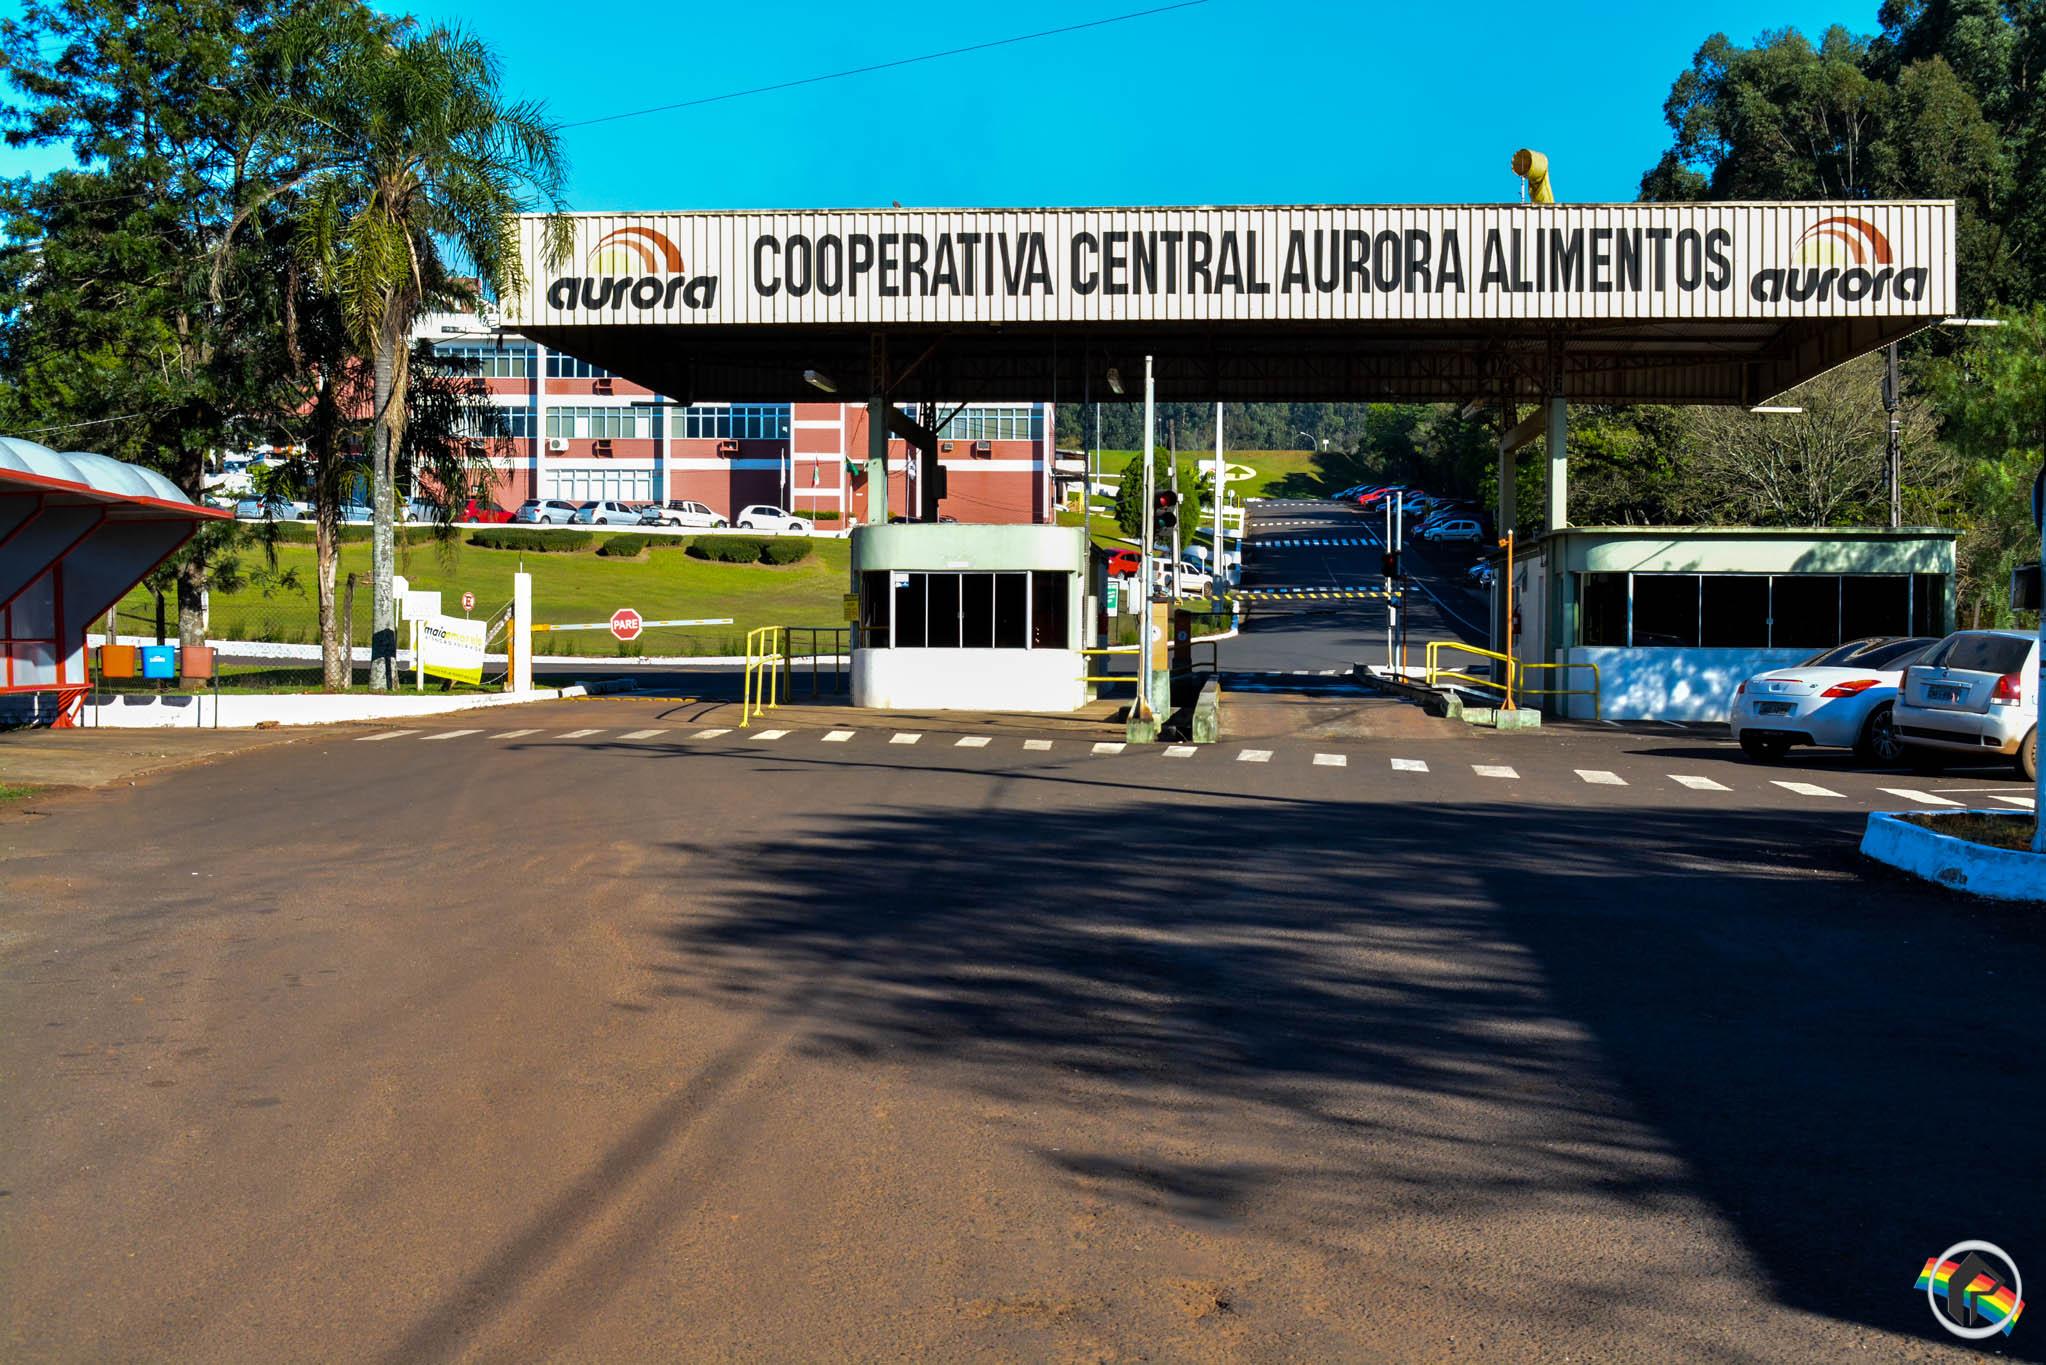 Unidade da Aurora de São Miguel do Oeste fechará as portas nesta quinta-feira